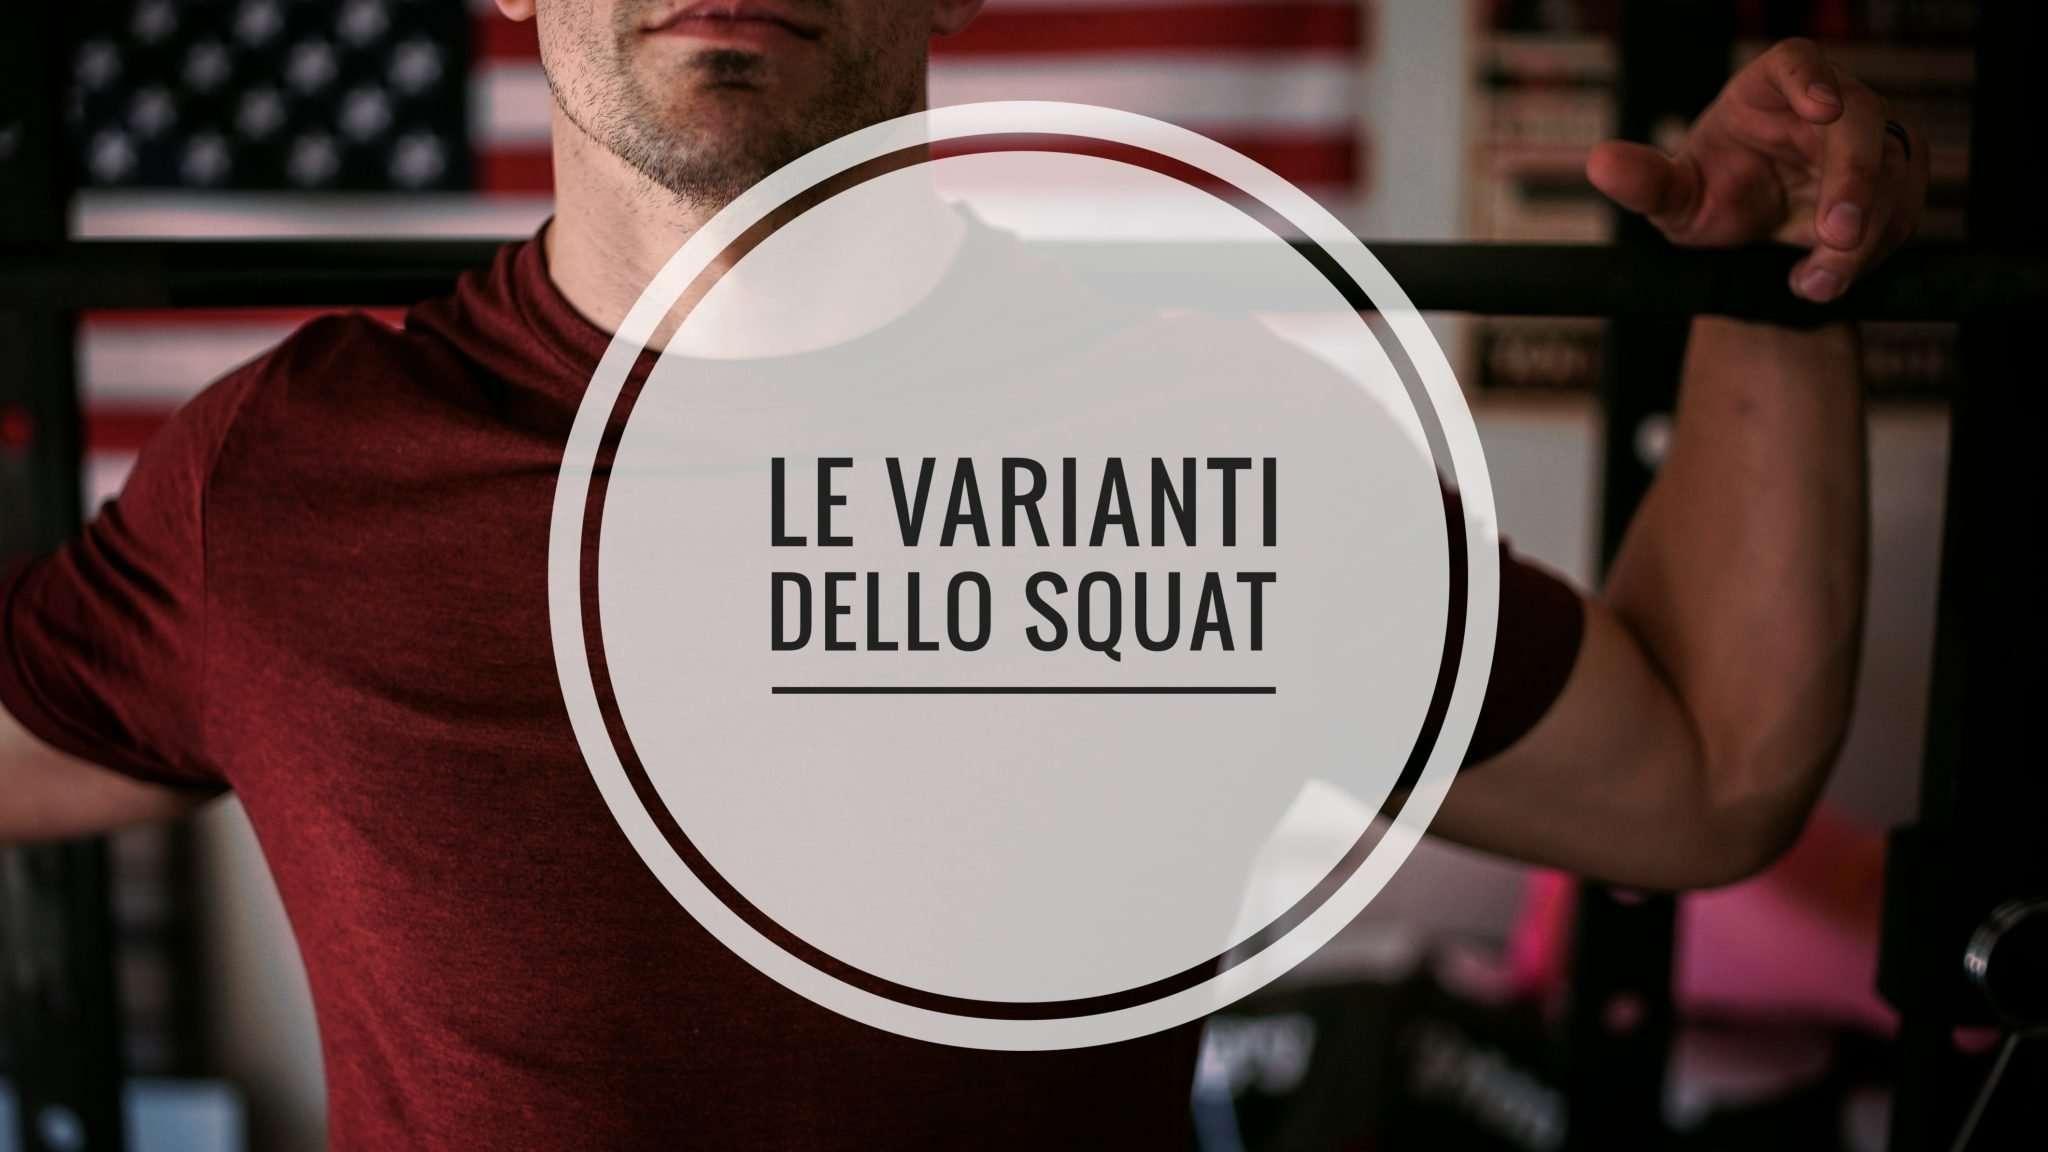 Varianti dello Squat nel Powerlifting, quali sono e come usarle?